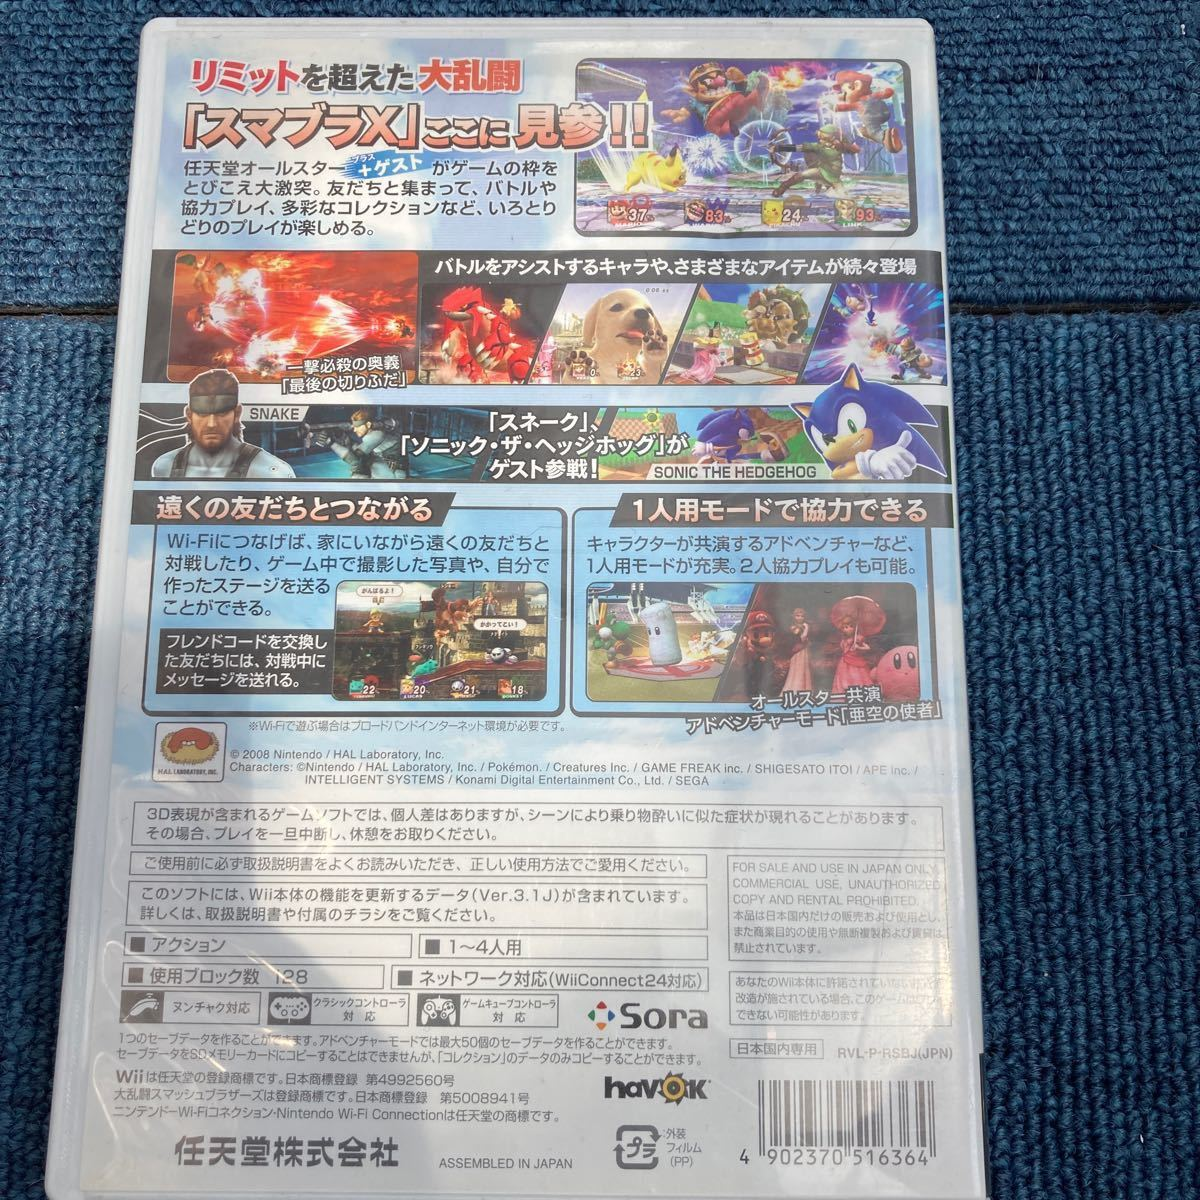 dona様専用   2点セット  ◎大乱闘スマッシュブラザーズX   ◎PS2 プレステ2 PS2ソフトファイナルファンタジーX